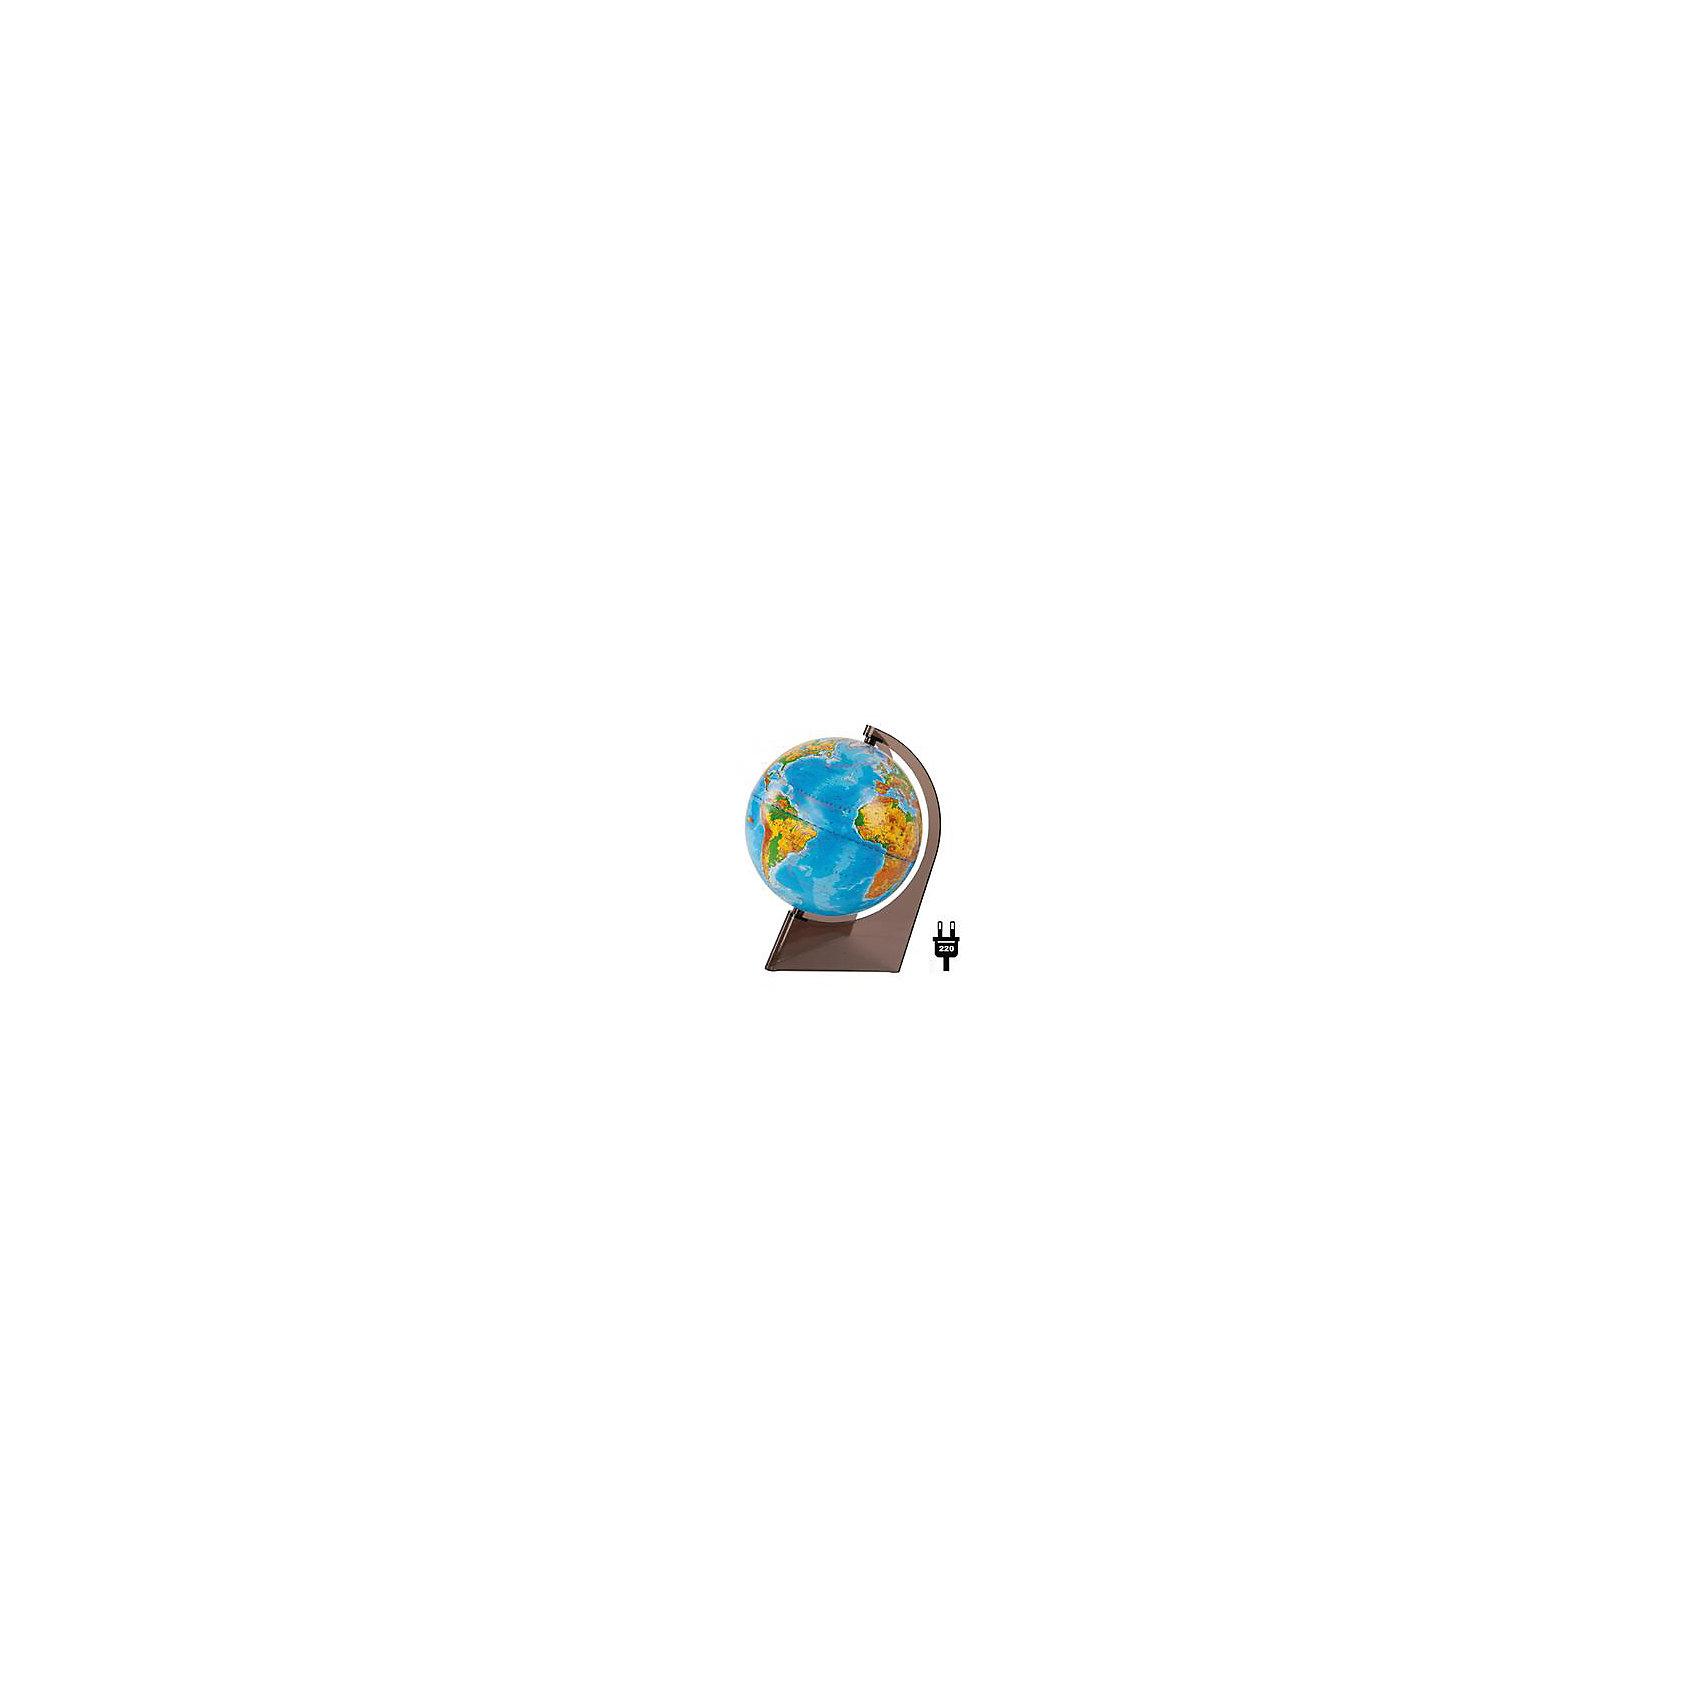 Глобус Земли физический на треугольнике с подсветкой, диаметр 210 ммГлобусы<br>Характеристики товара:<br><br>• возраст от 6 лет;<br>• материал: пластик;<br>• работает от сети<br>• цвет корпуса: прозрачный<br>• диаметр глобуса 210 мм;<br>• масштаб 1:60000000;<br>• размер упаковки 21,7х21,7х31,5 см;<br>• вес упаковки 800 гр.;<br>• страна производитель: Россия.<br><br>Глобус Земли физический на треугольнике с подсветкой, 210 мм Глобусный мир — уменьшенная копия нашей планеты. Глобус станет отличным дополнением для школьника или студента. На нем нанесены моря, океаны, рельеф суши, острова, материки, страны и города. Он позволит поближе познакомиться со строением нашей планеты. Глобус оснащен подсветкой, которая работает от сети.<br><br>Глобус Земли физический на треугольнике с подсветкой, 210 мм Глобусный мир можно приобрести в нашем интернет-магазине.<br><br>Ширина мм: 217<br>Глубина мм: 217<br>Высота мм: 315<br>Вес г: 800<br>Возраст от месяцев: 72<br>Возраст до месяцев: 2147483647<br>Пол: Унисекс<br>Возраст: Детский<br>SKU: 5518205